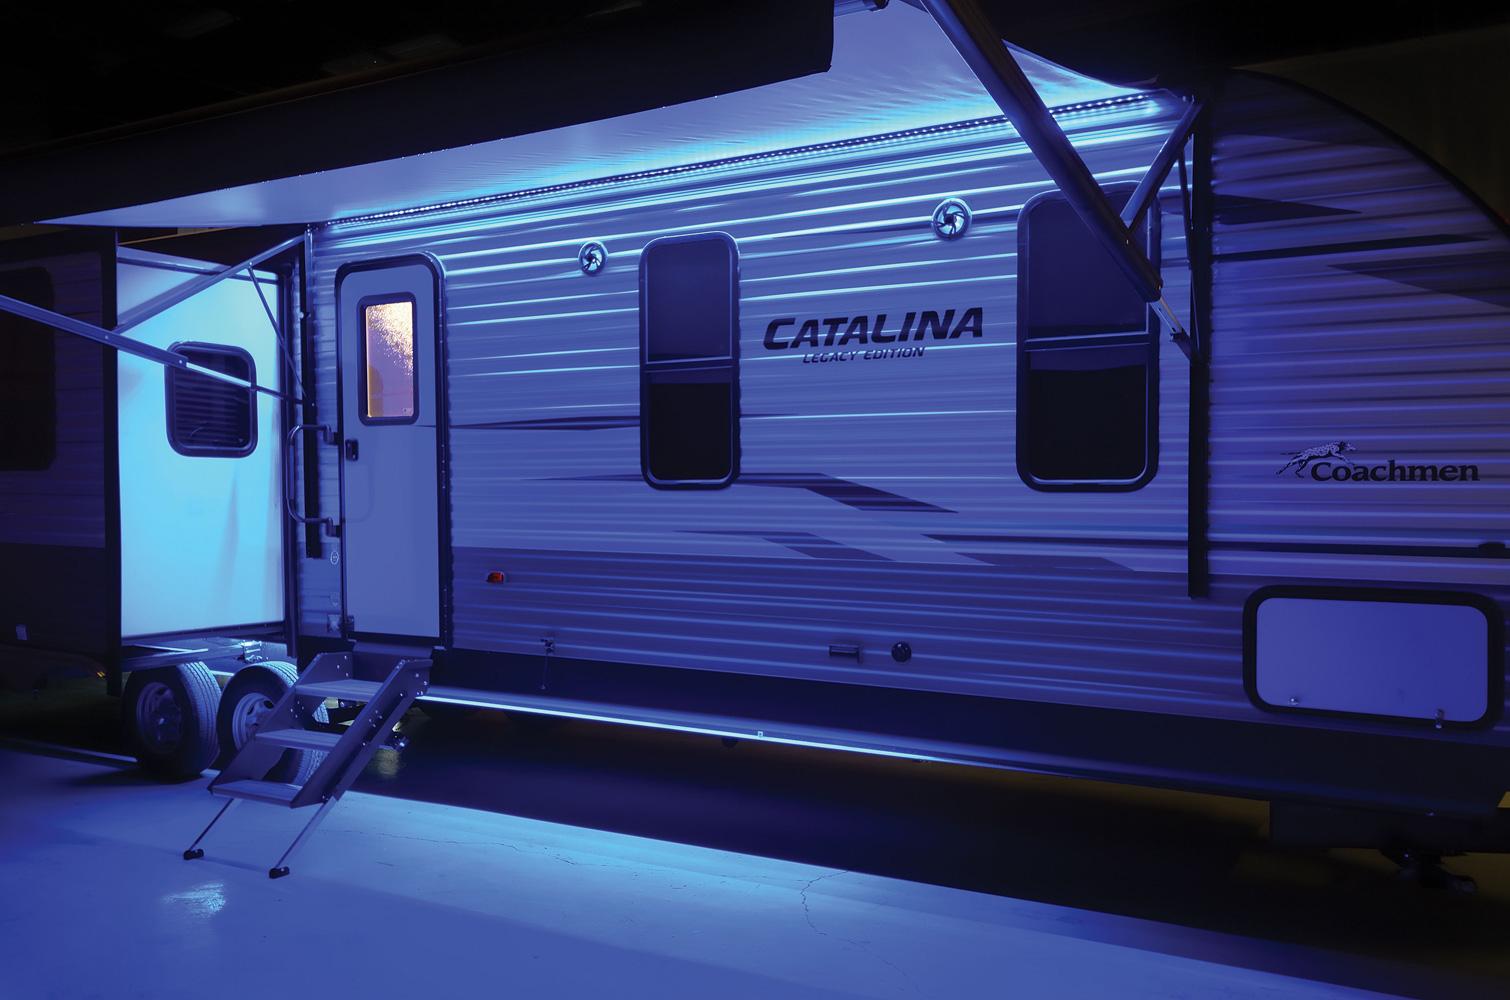 Catalina Trail Blazer Travel Trailers by Coachmen RV